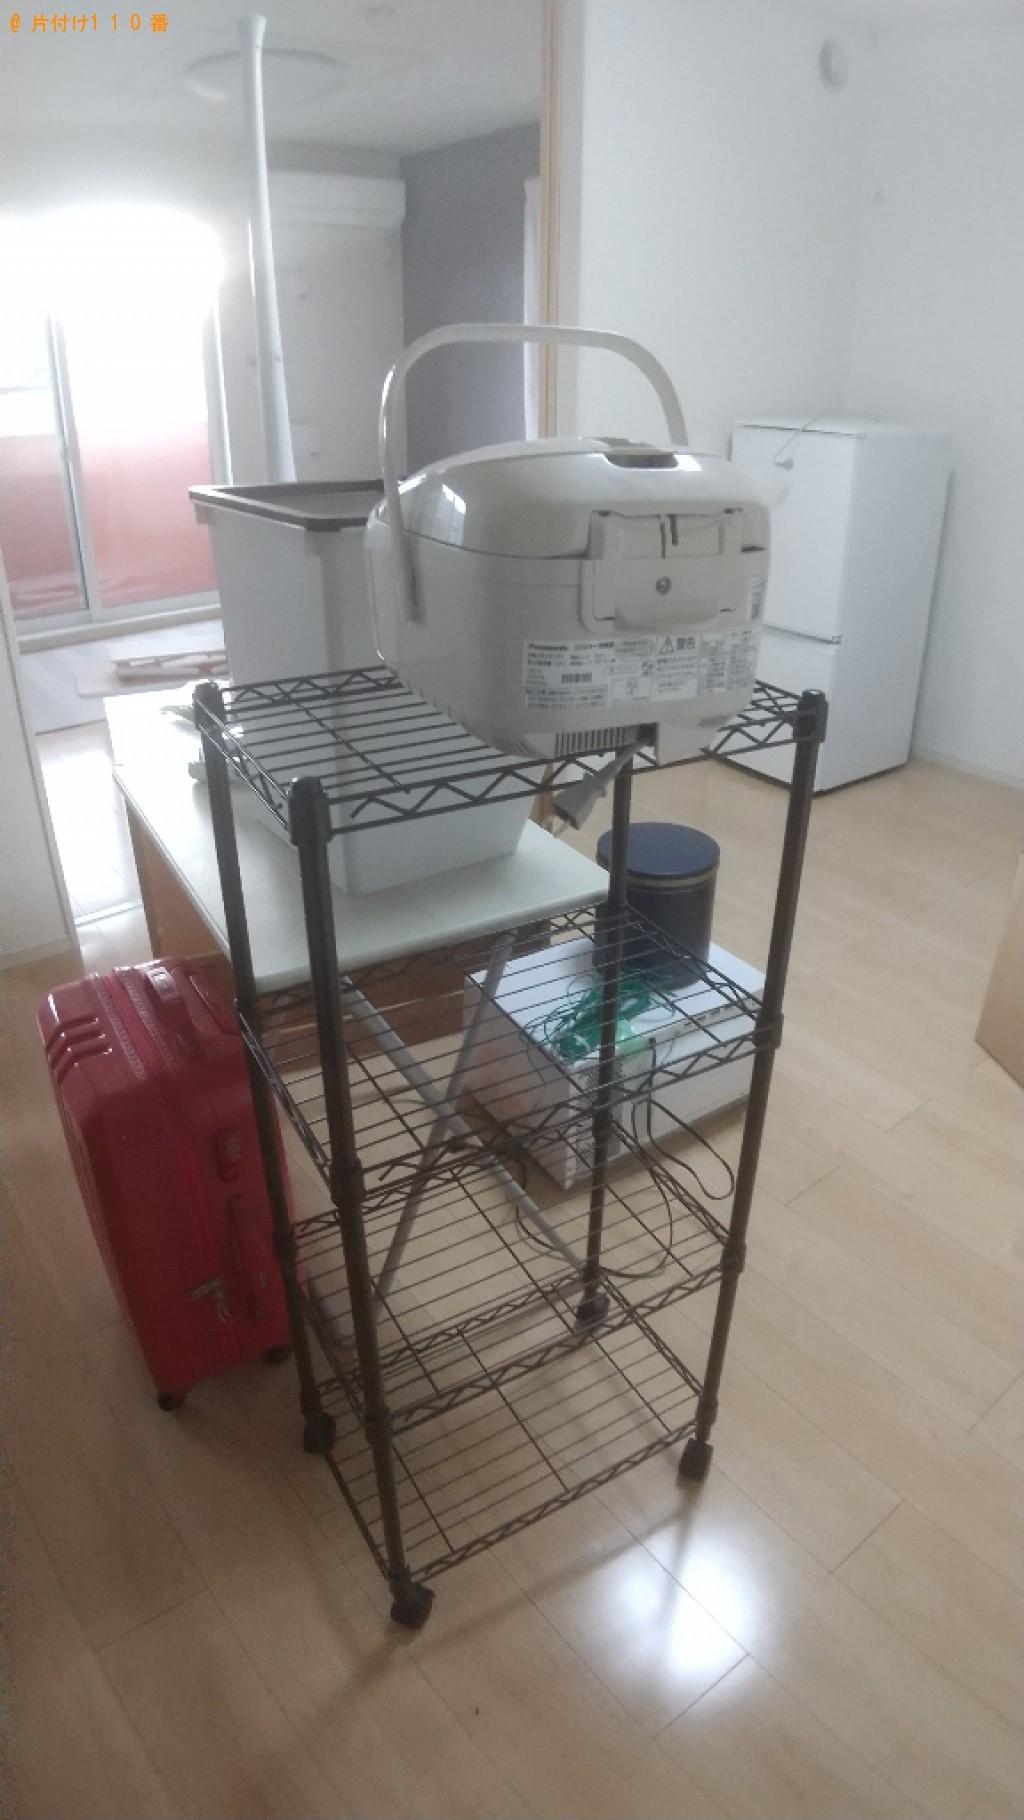 【福山市駅家町】炊飯器、メタルラック、スーツケース等の回収・処分